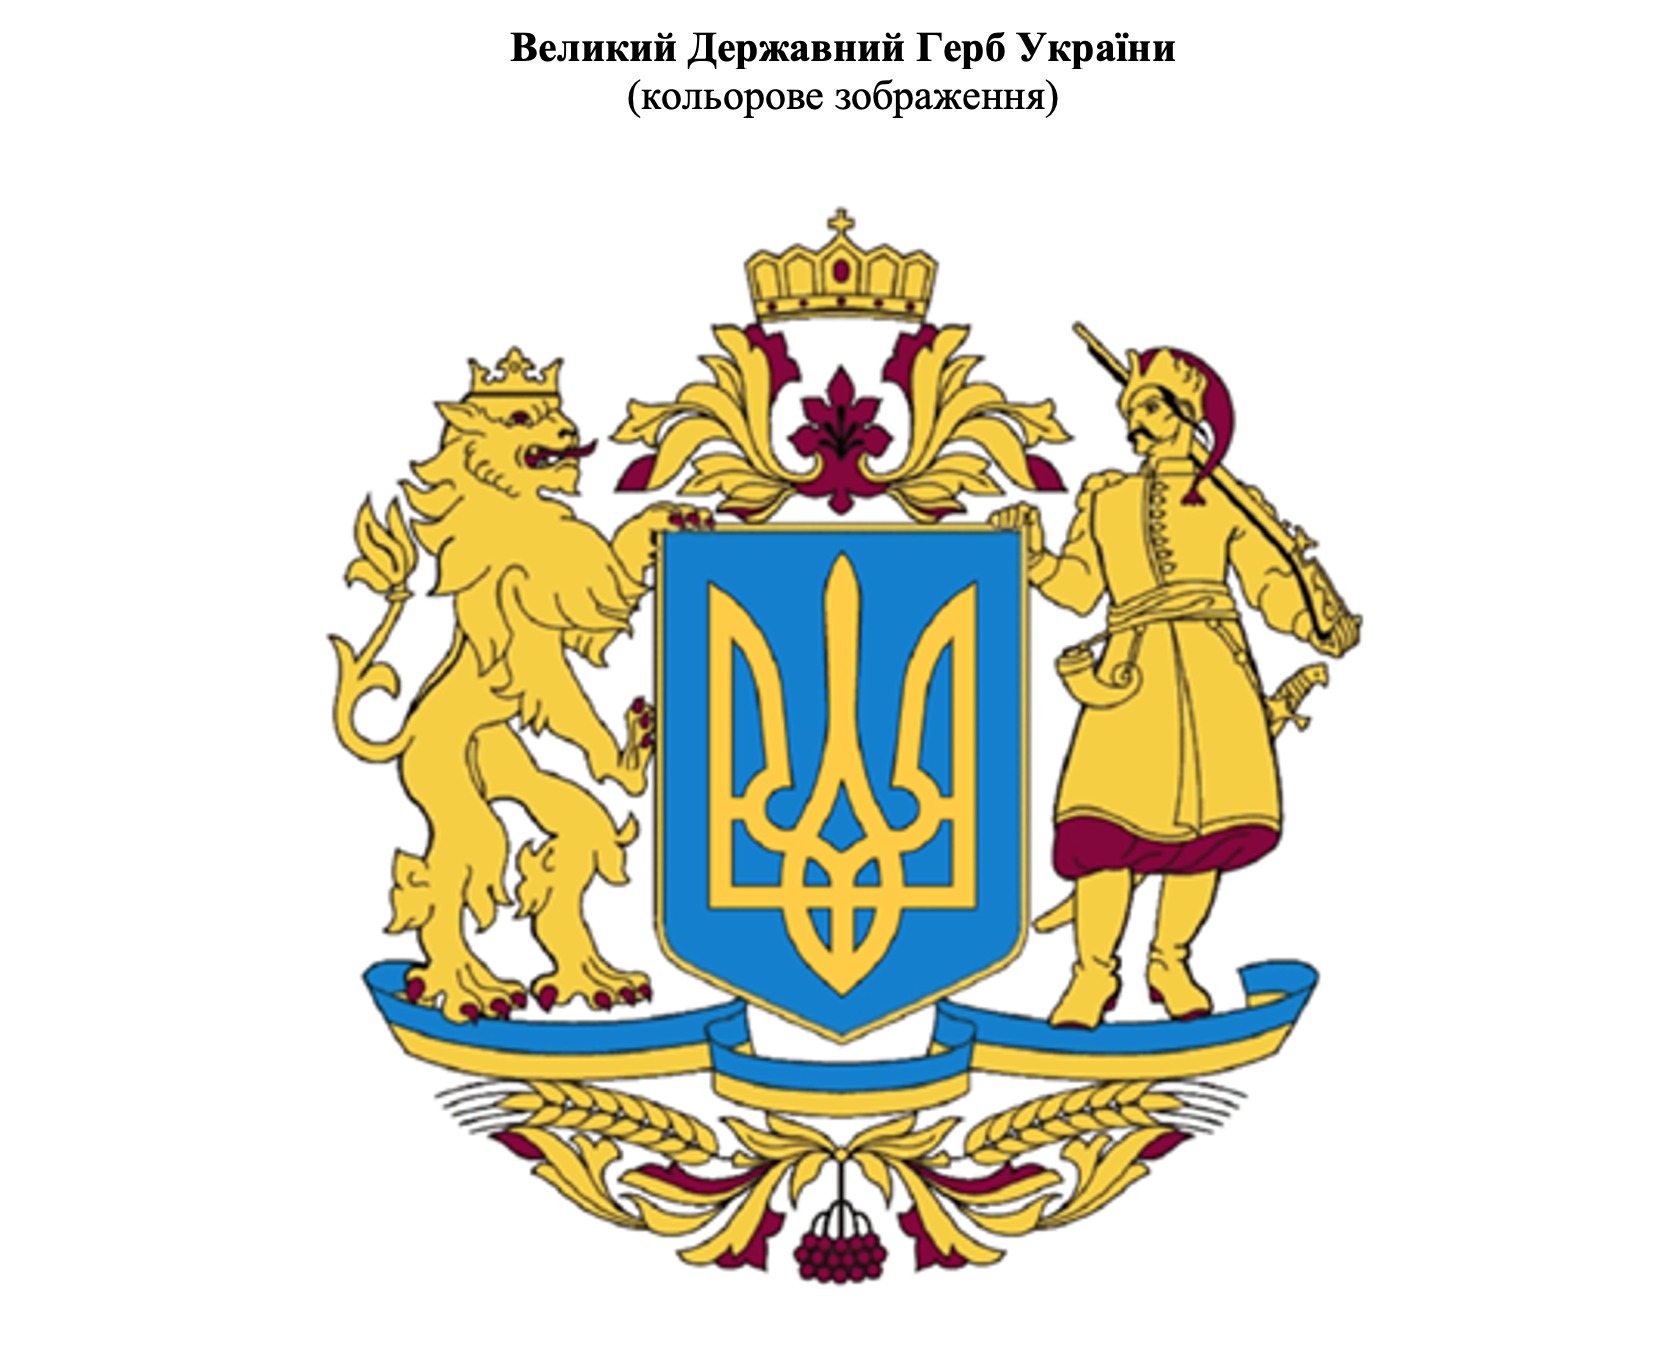 Зеленский внес в Раду свой вариант большого государственного герба Украины: фото